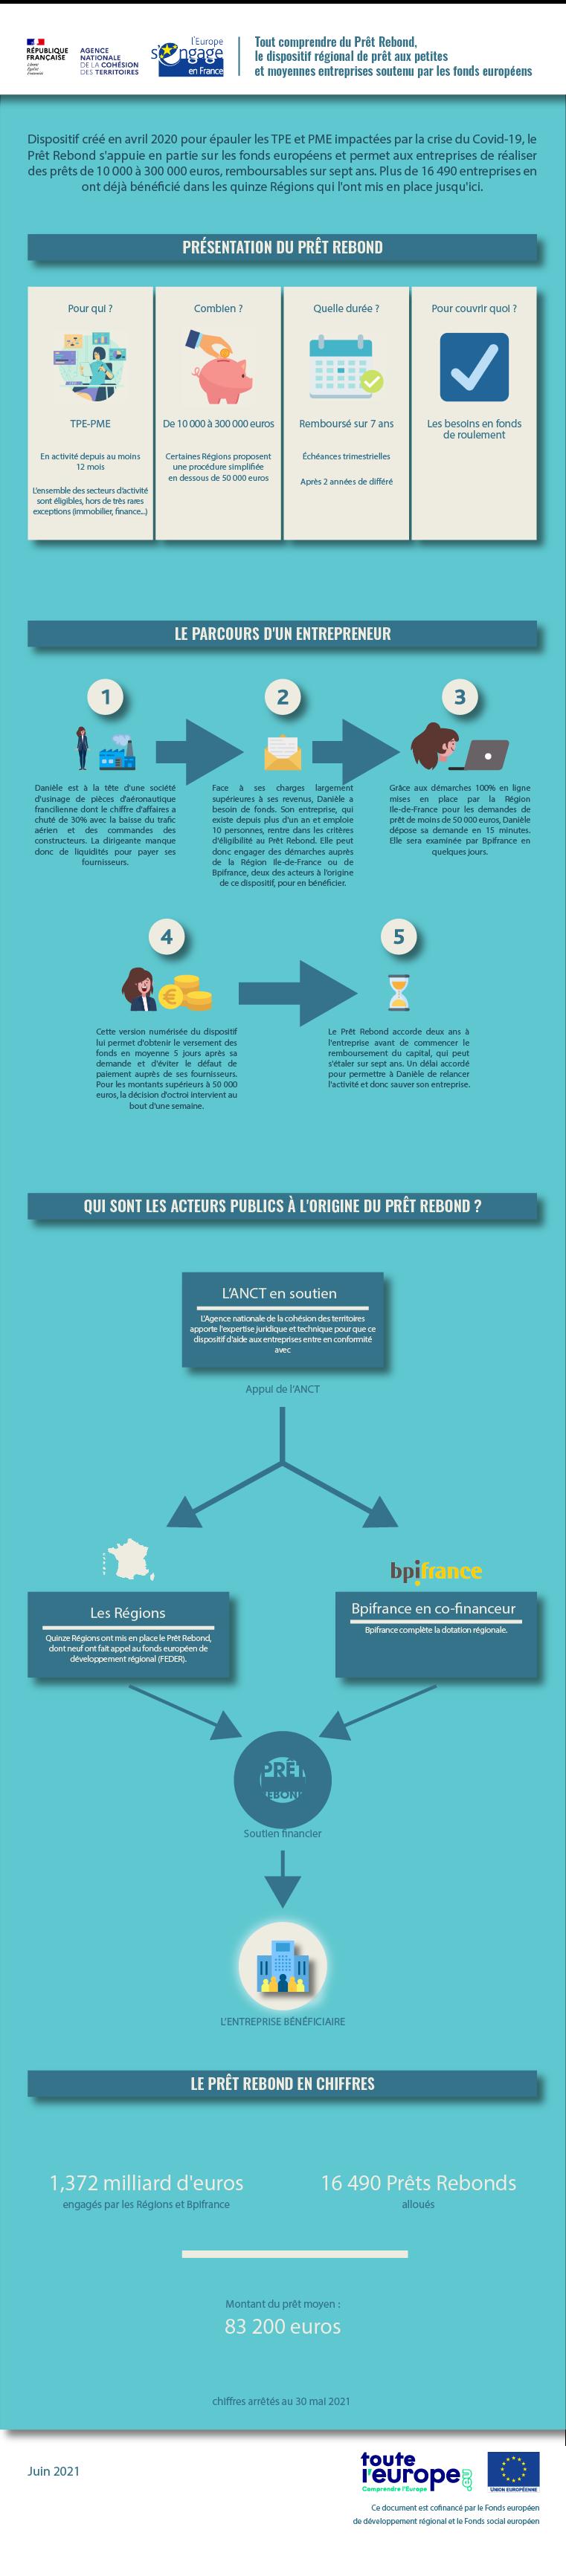 Infographie - Fonctionnement du prêt rebond